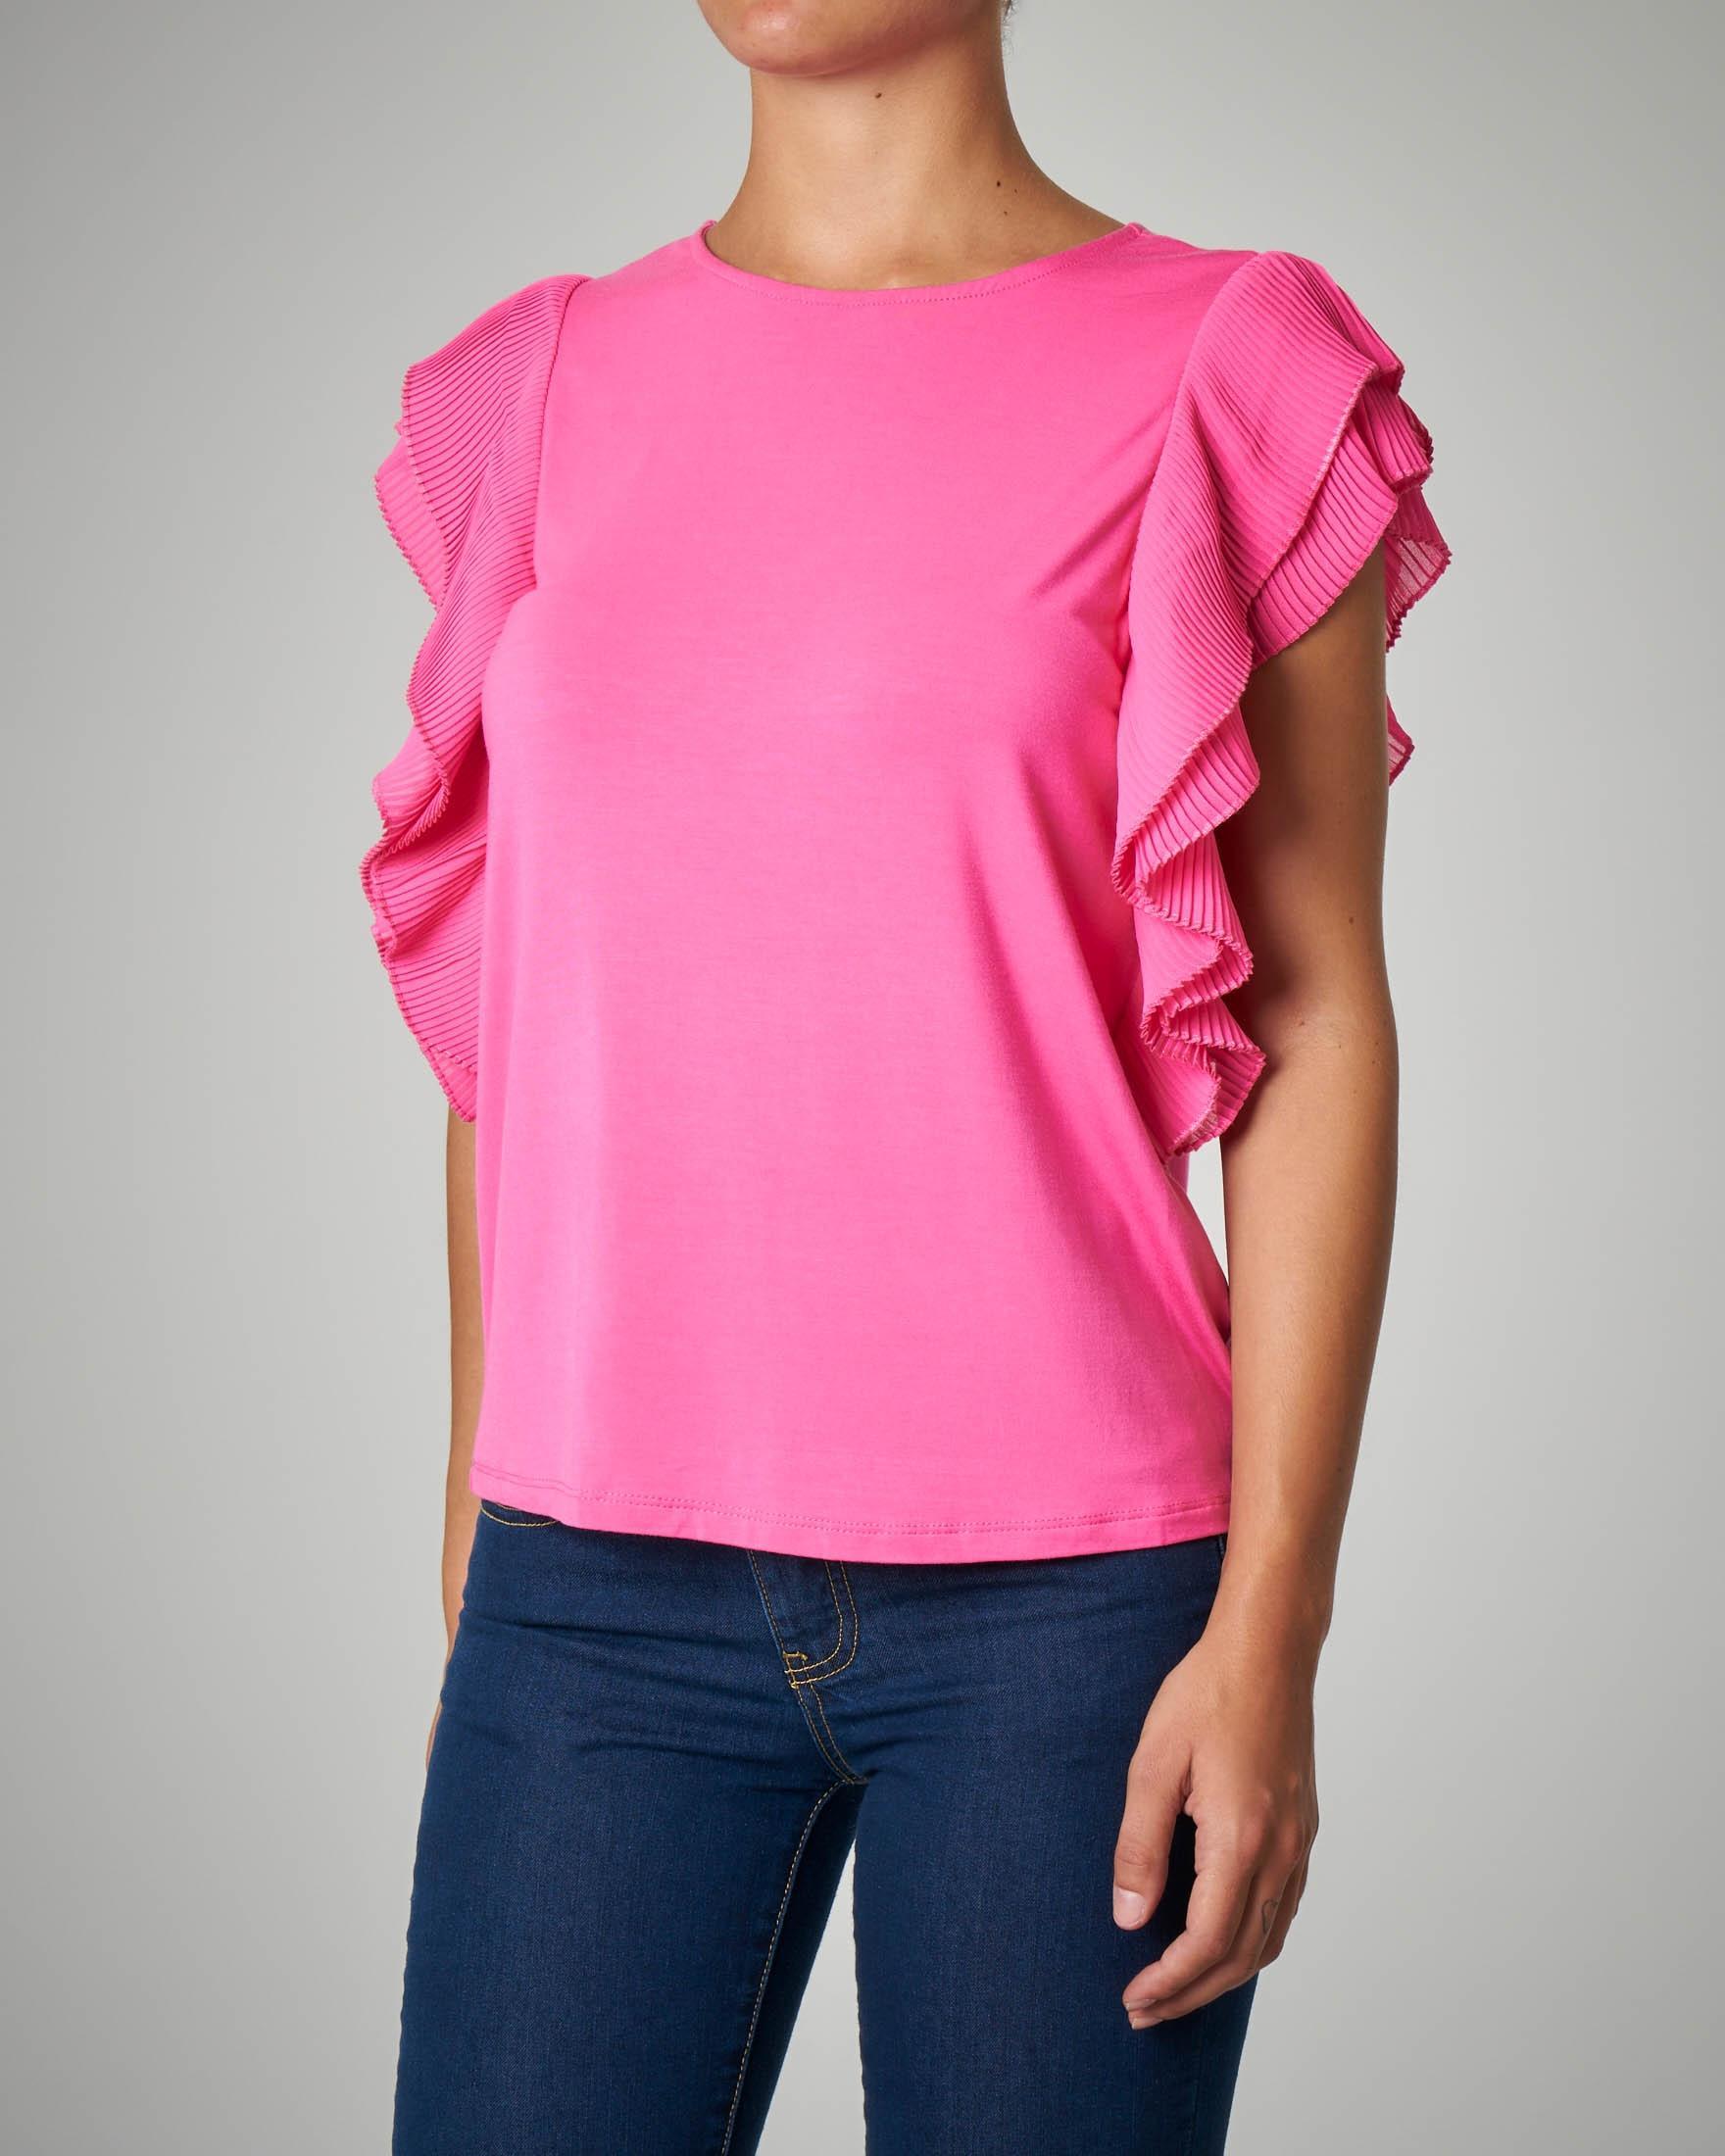 T-shirt in viscosa rosa con maniche ad aletta